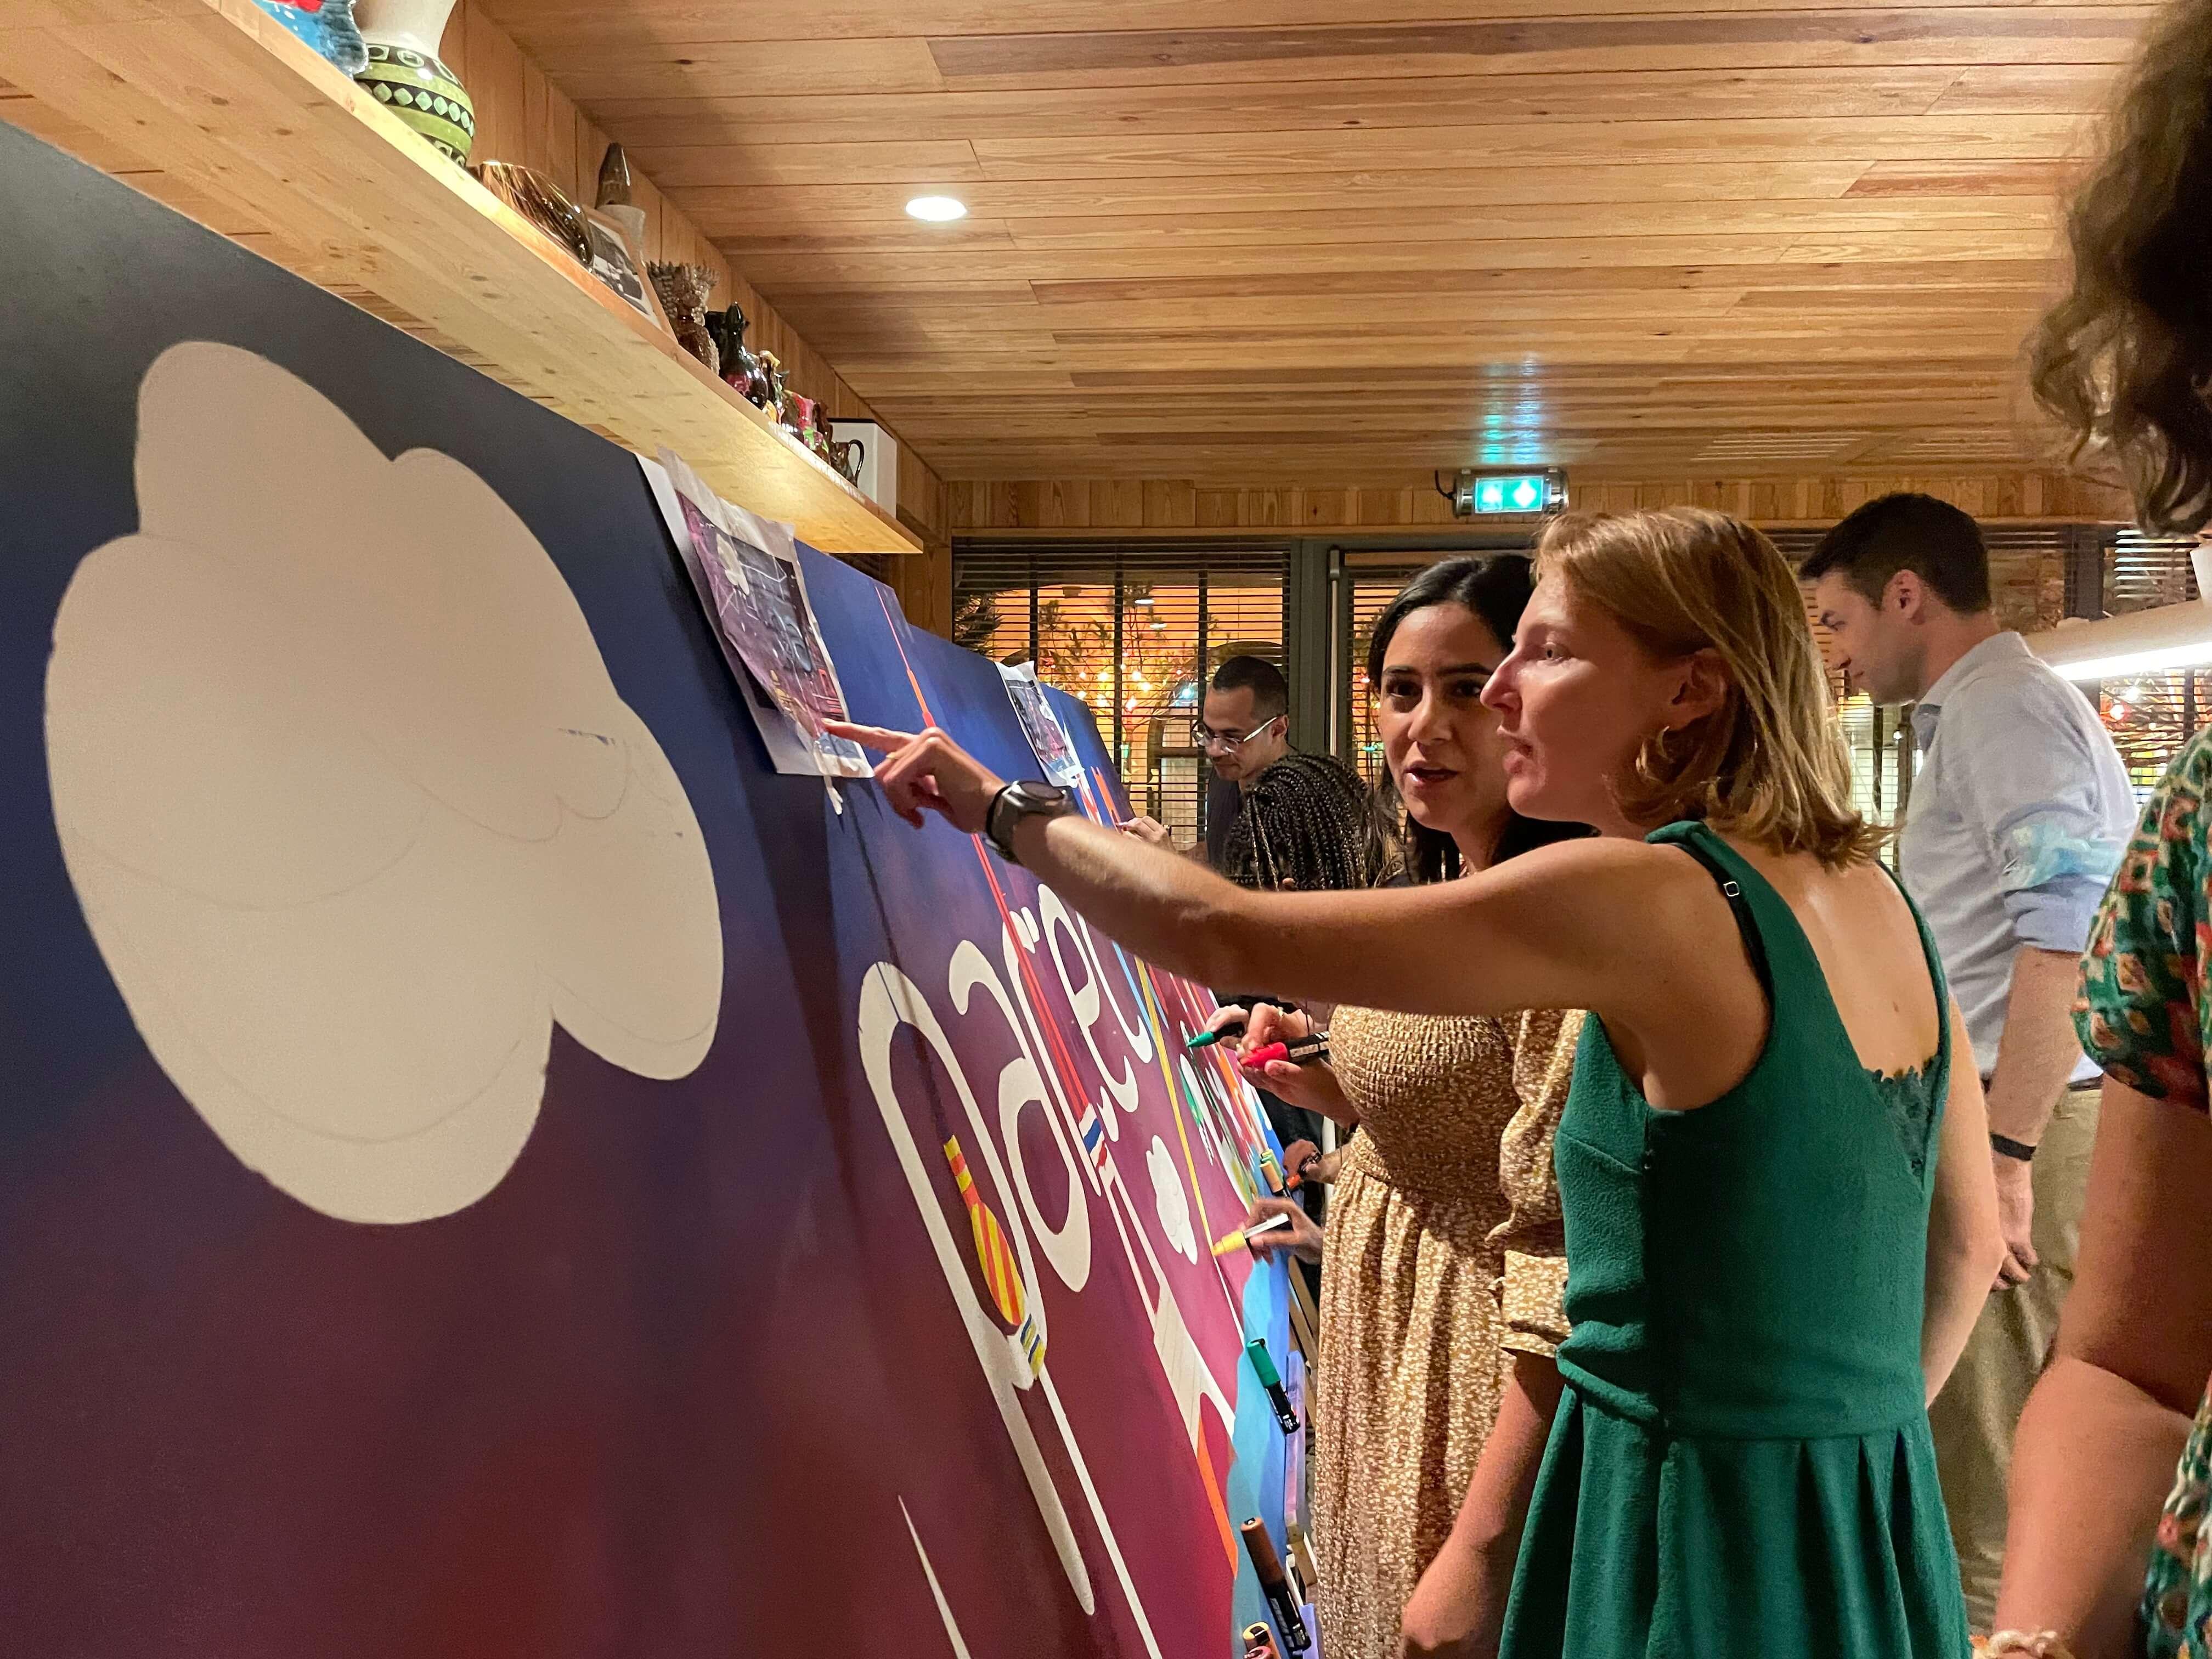 réalisation de toiles street art participative